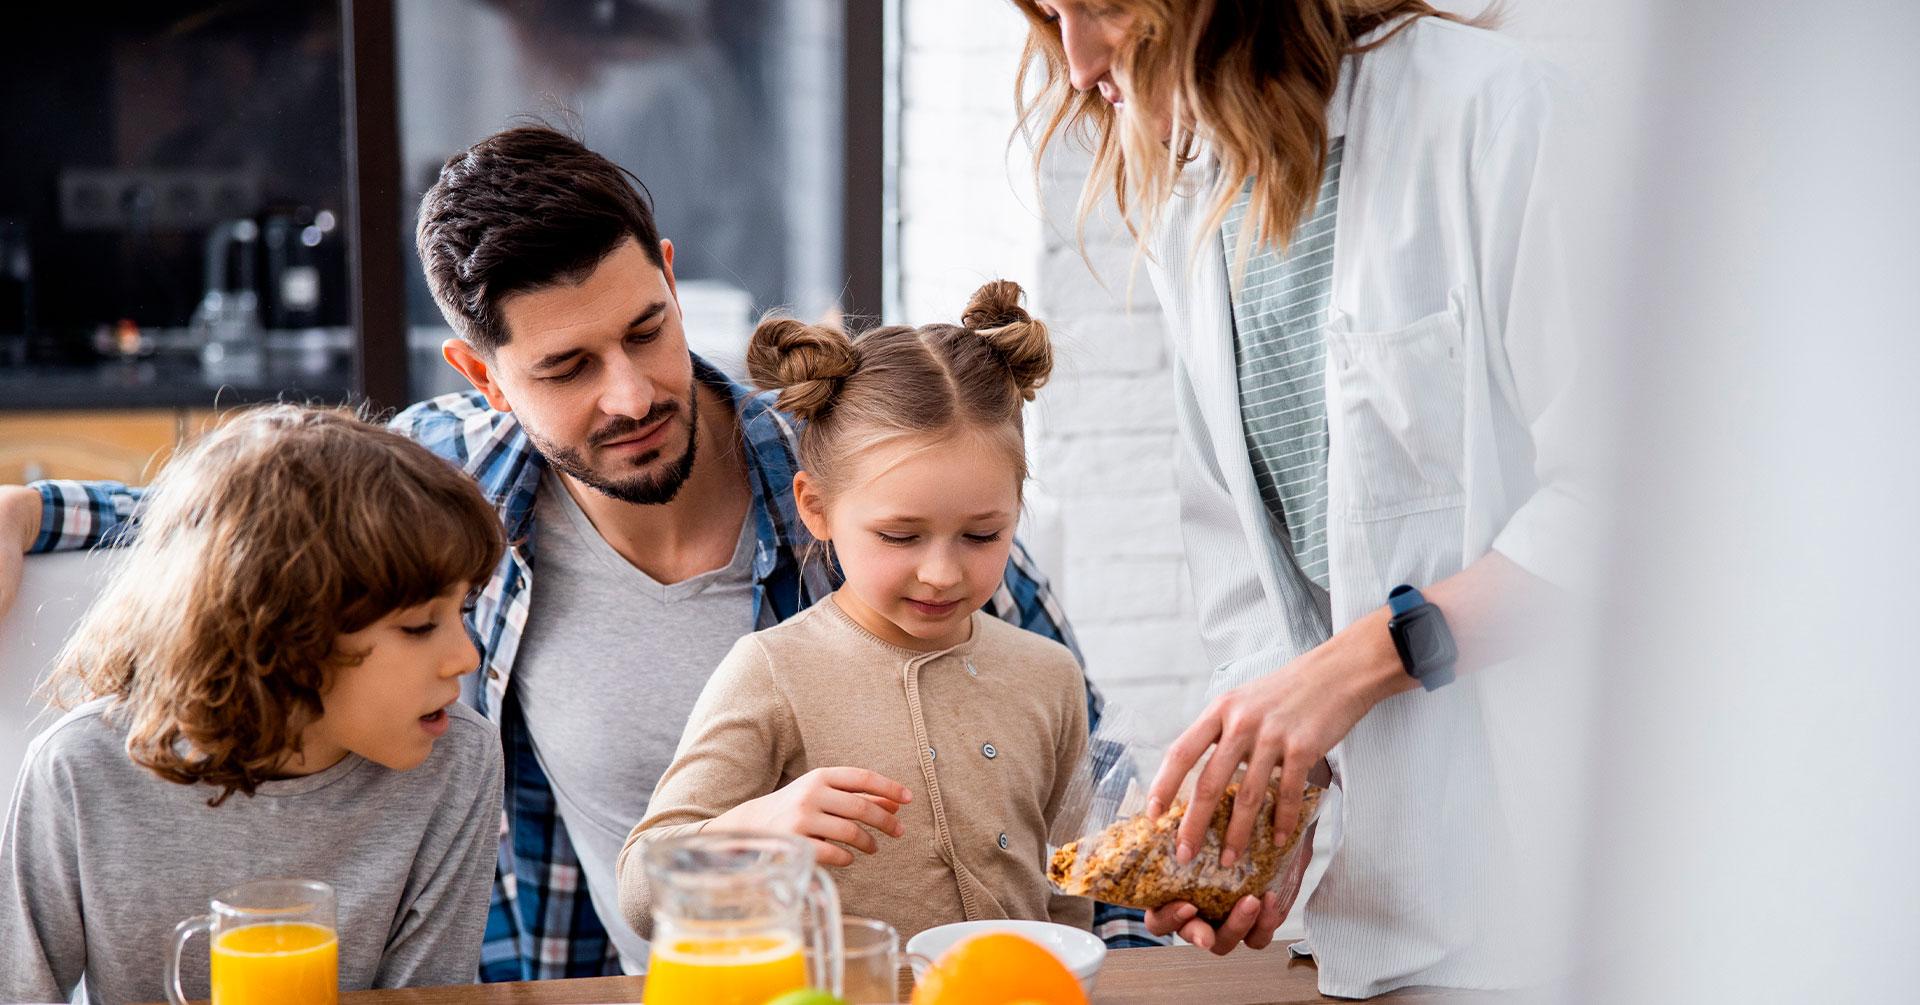 Incluir recetas con granola en la dieta de tu familia beneficiará su salud